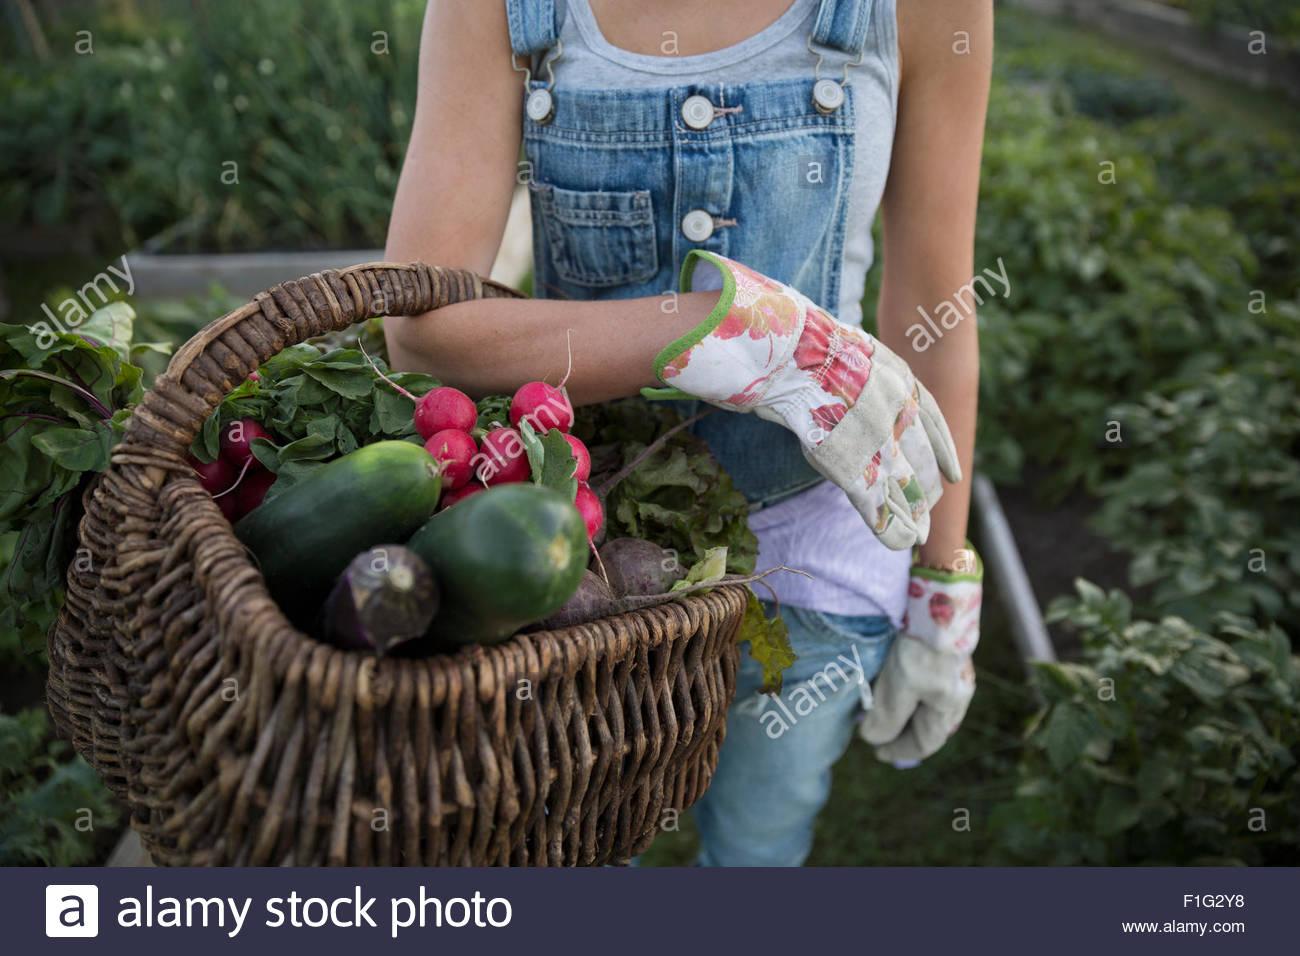 Frau mit frisch geerntetem Gemüse Korb hautnah Stockbild